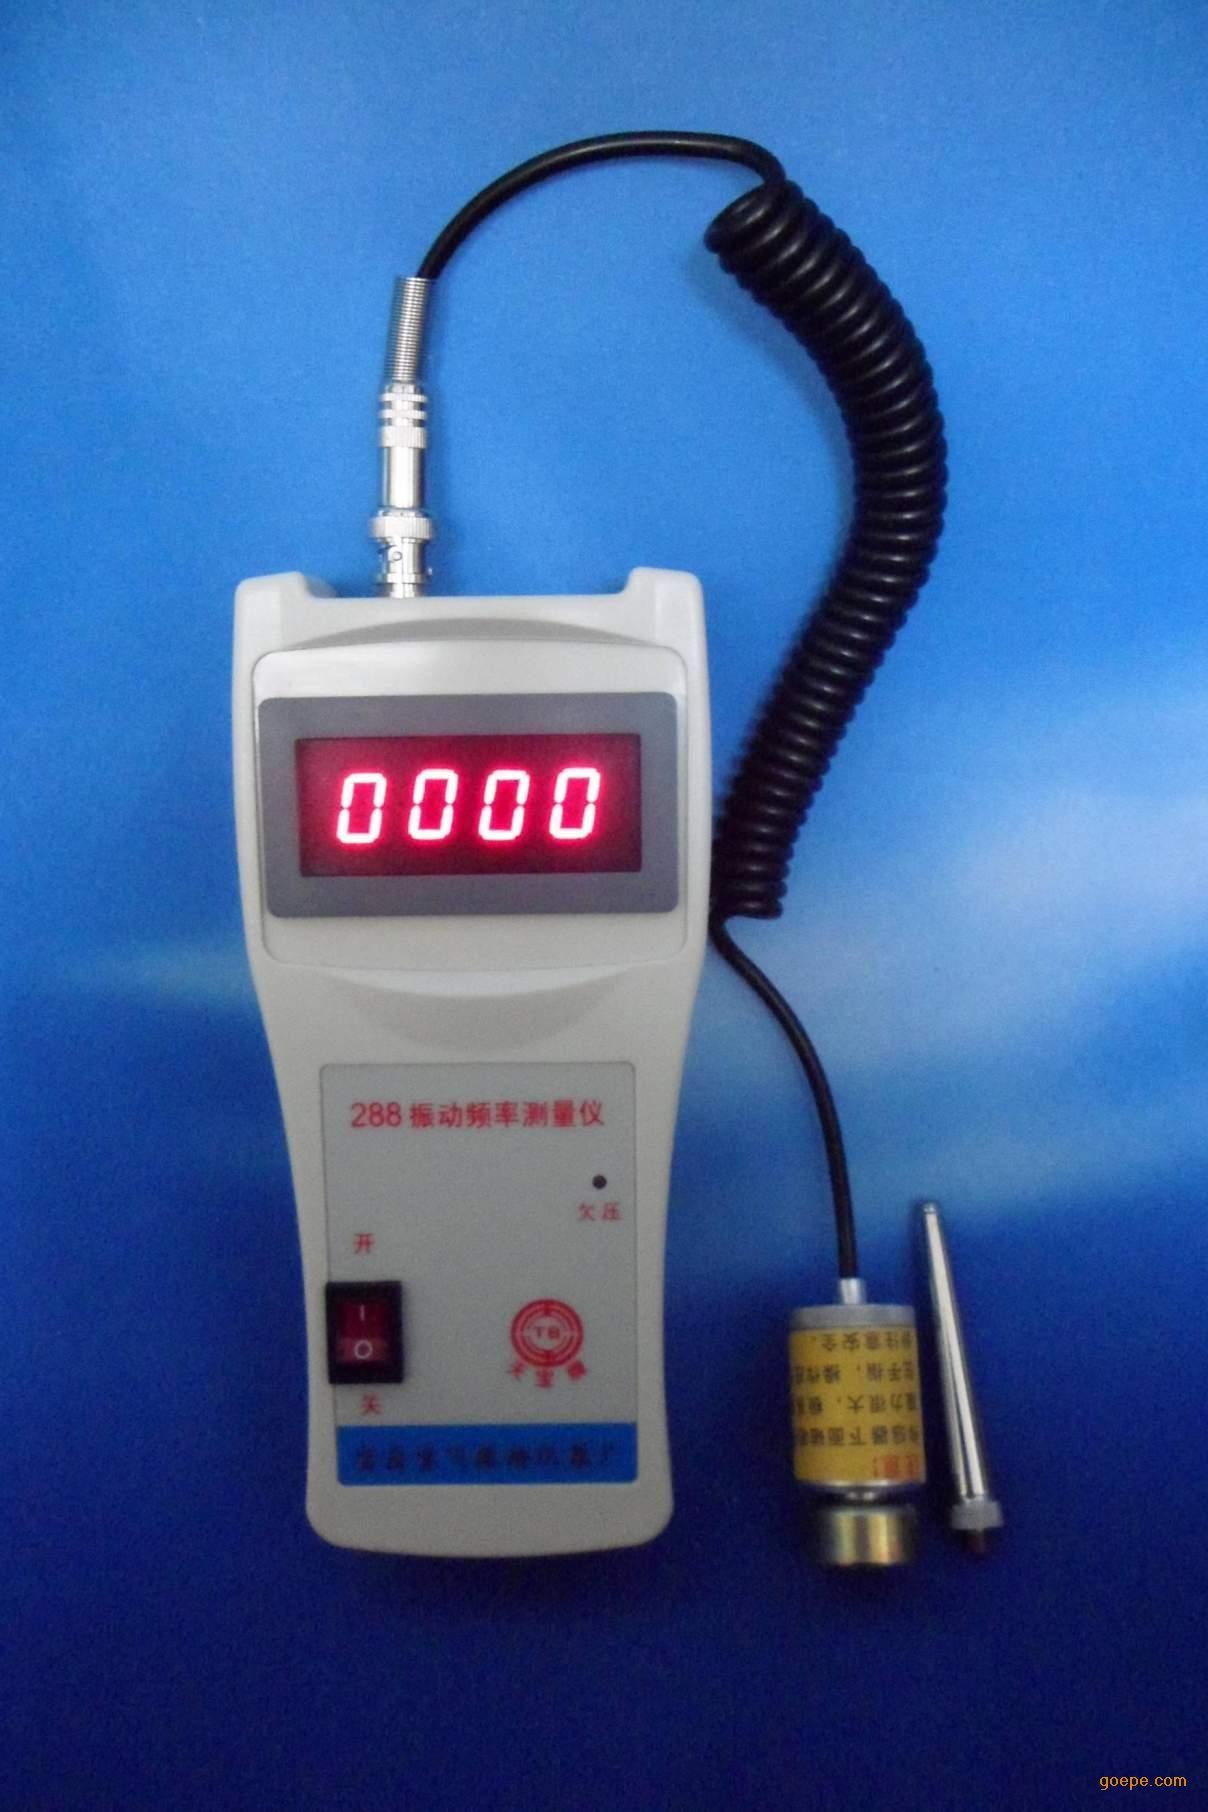 振动频率仪供应商电话